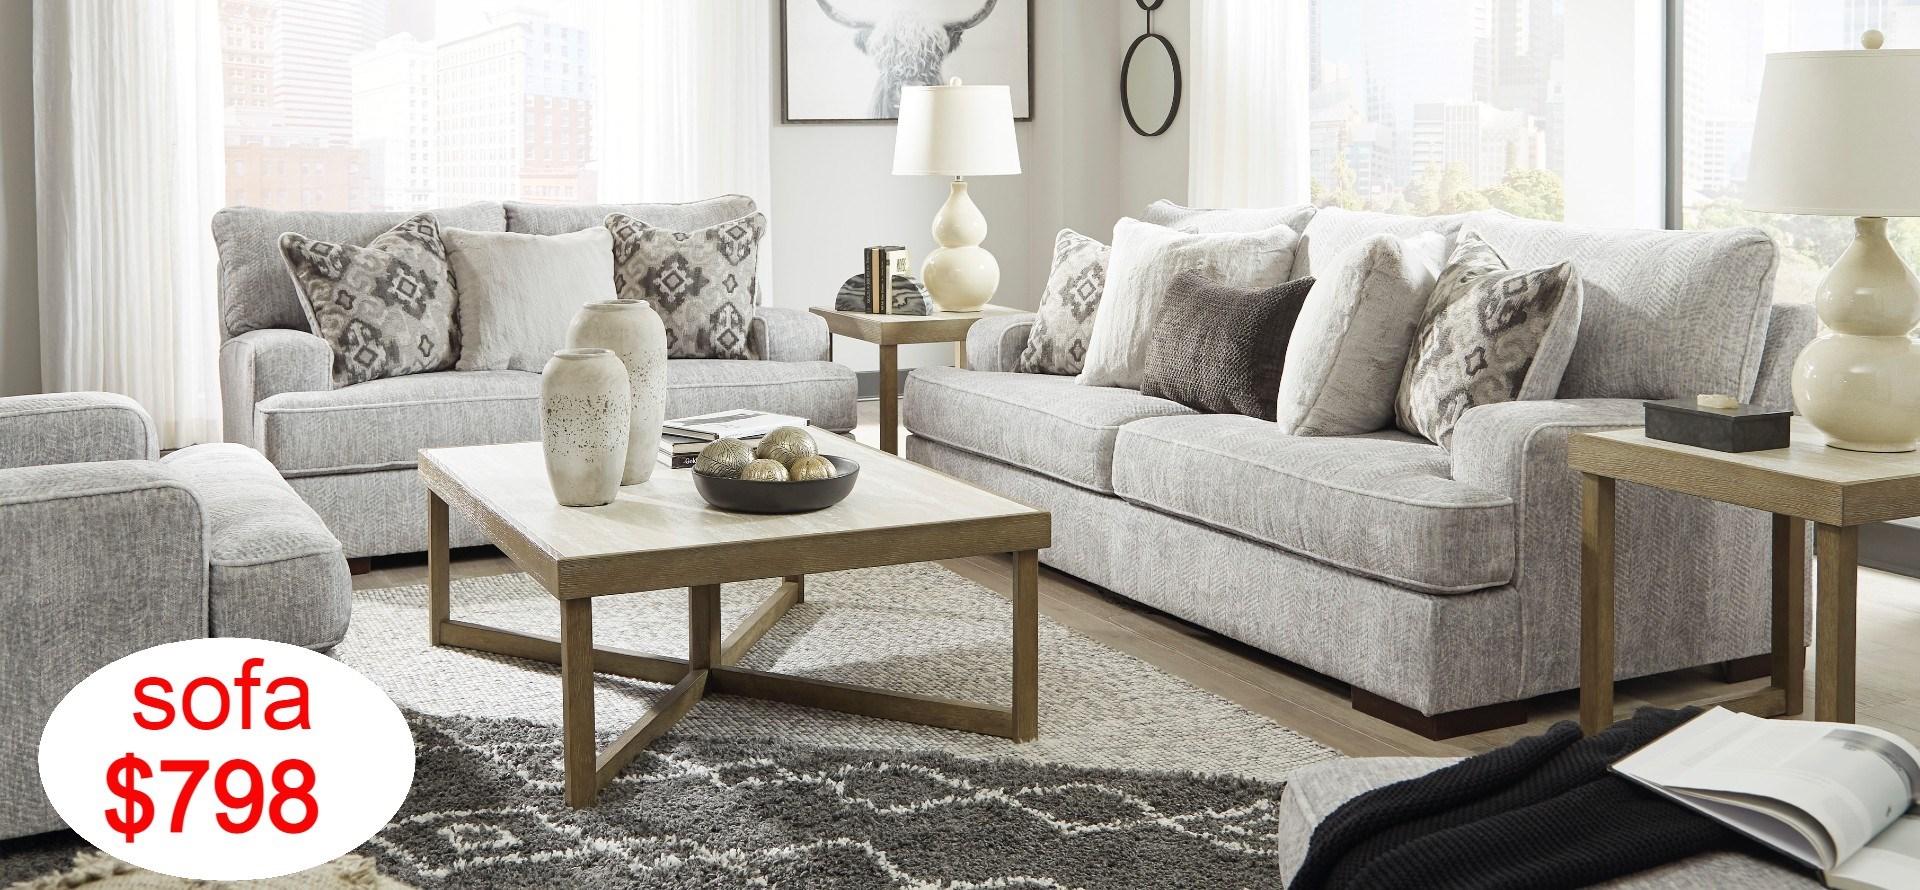 $798 Sofa